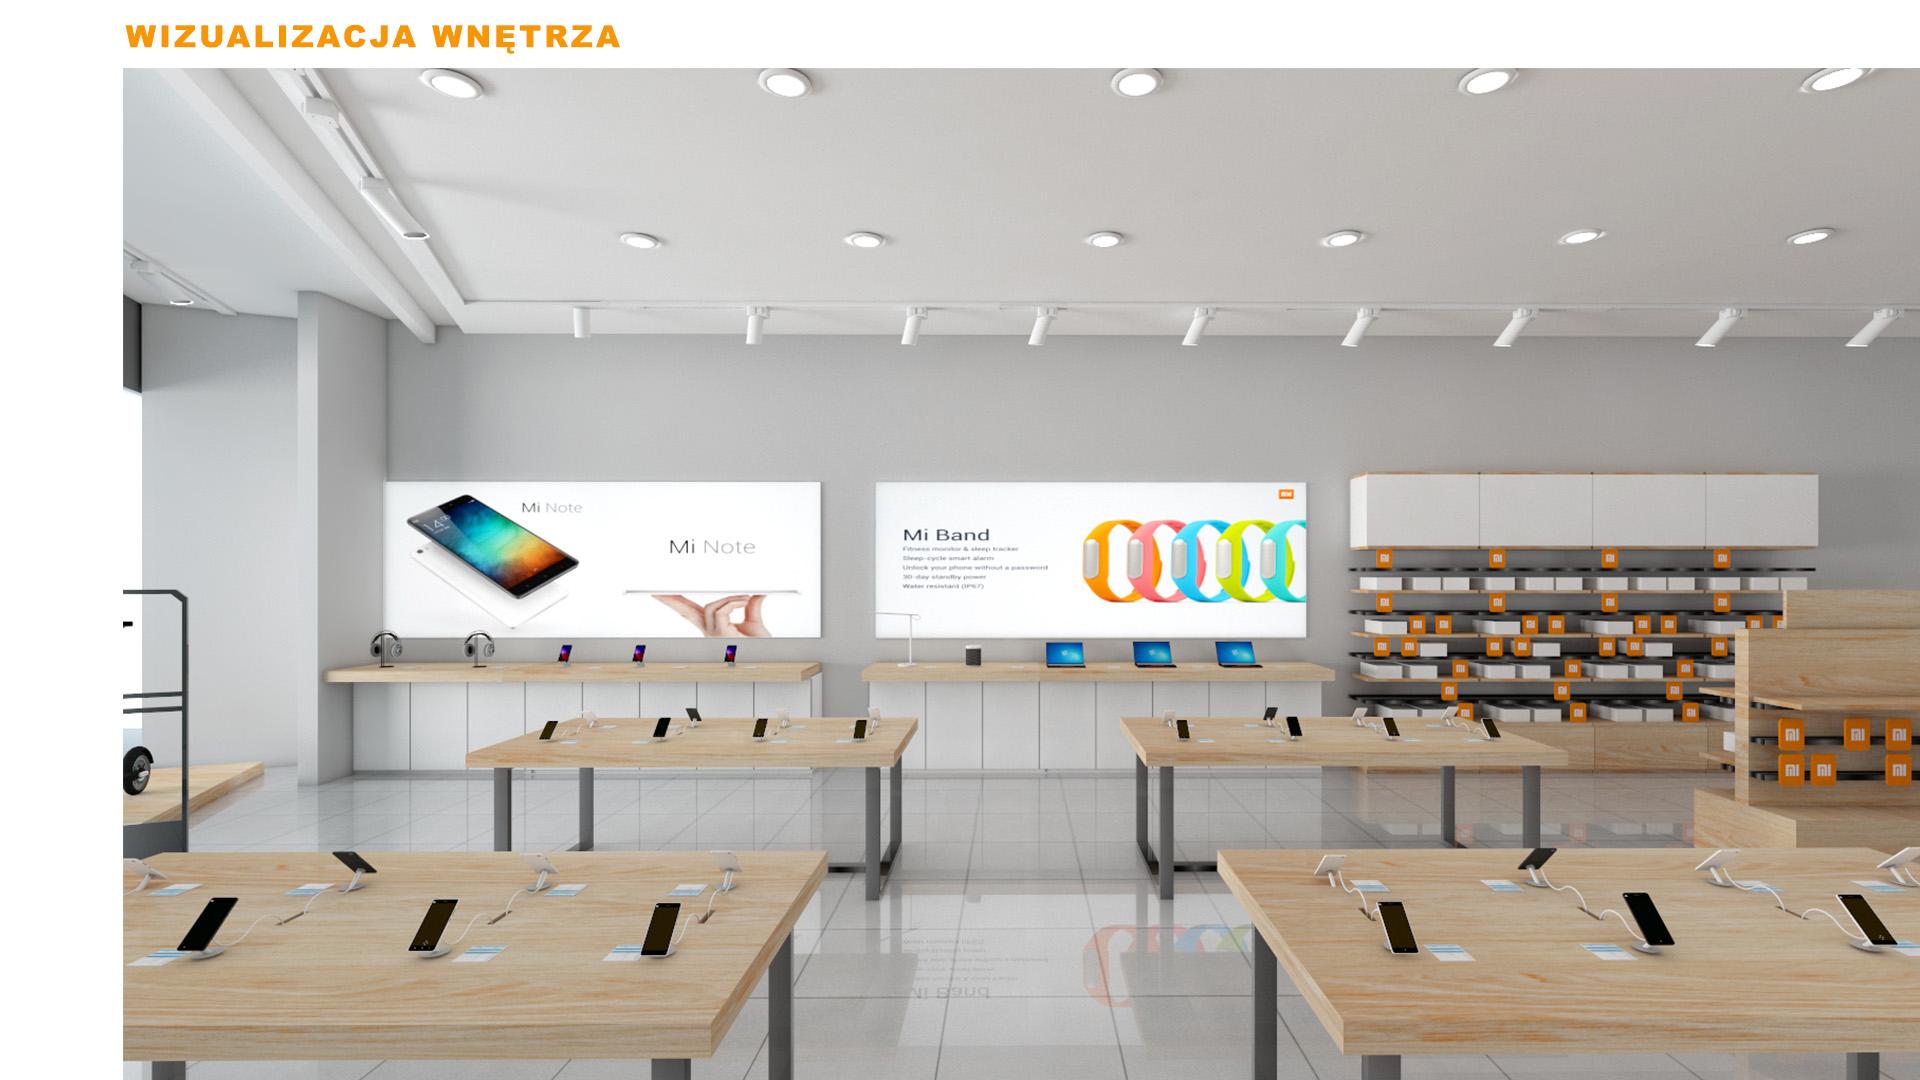 Mi-Store - Katowice - Galeria Katowicka - wizualizacja wnętrza